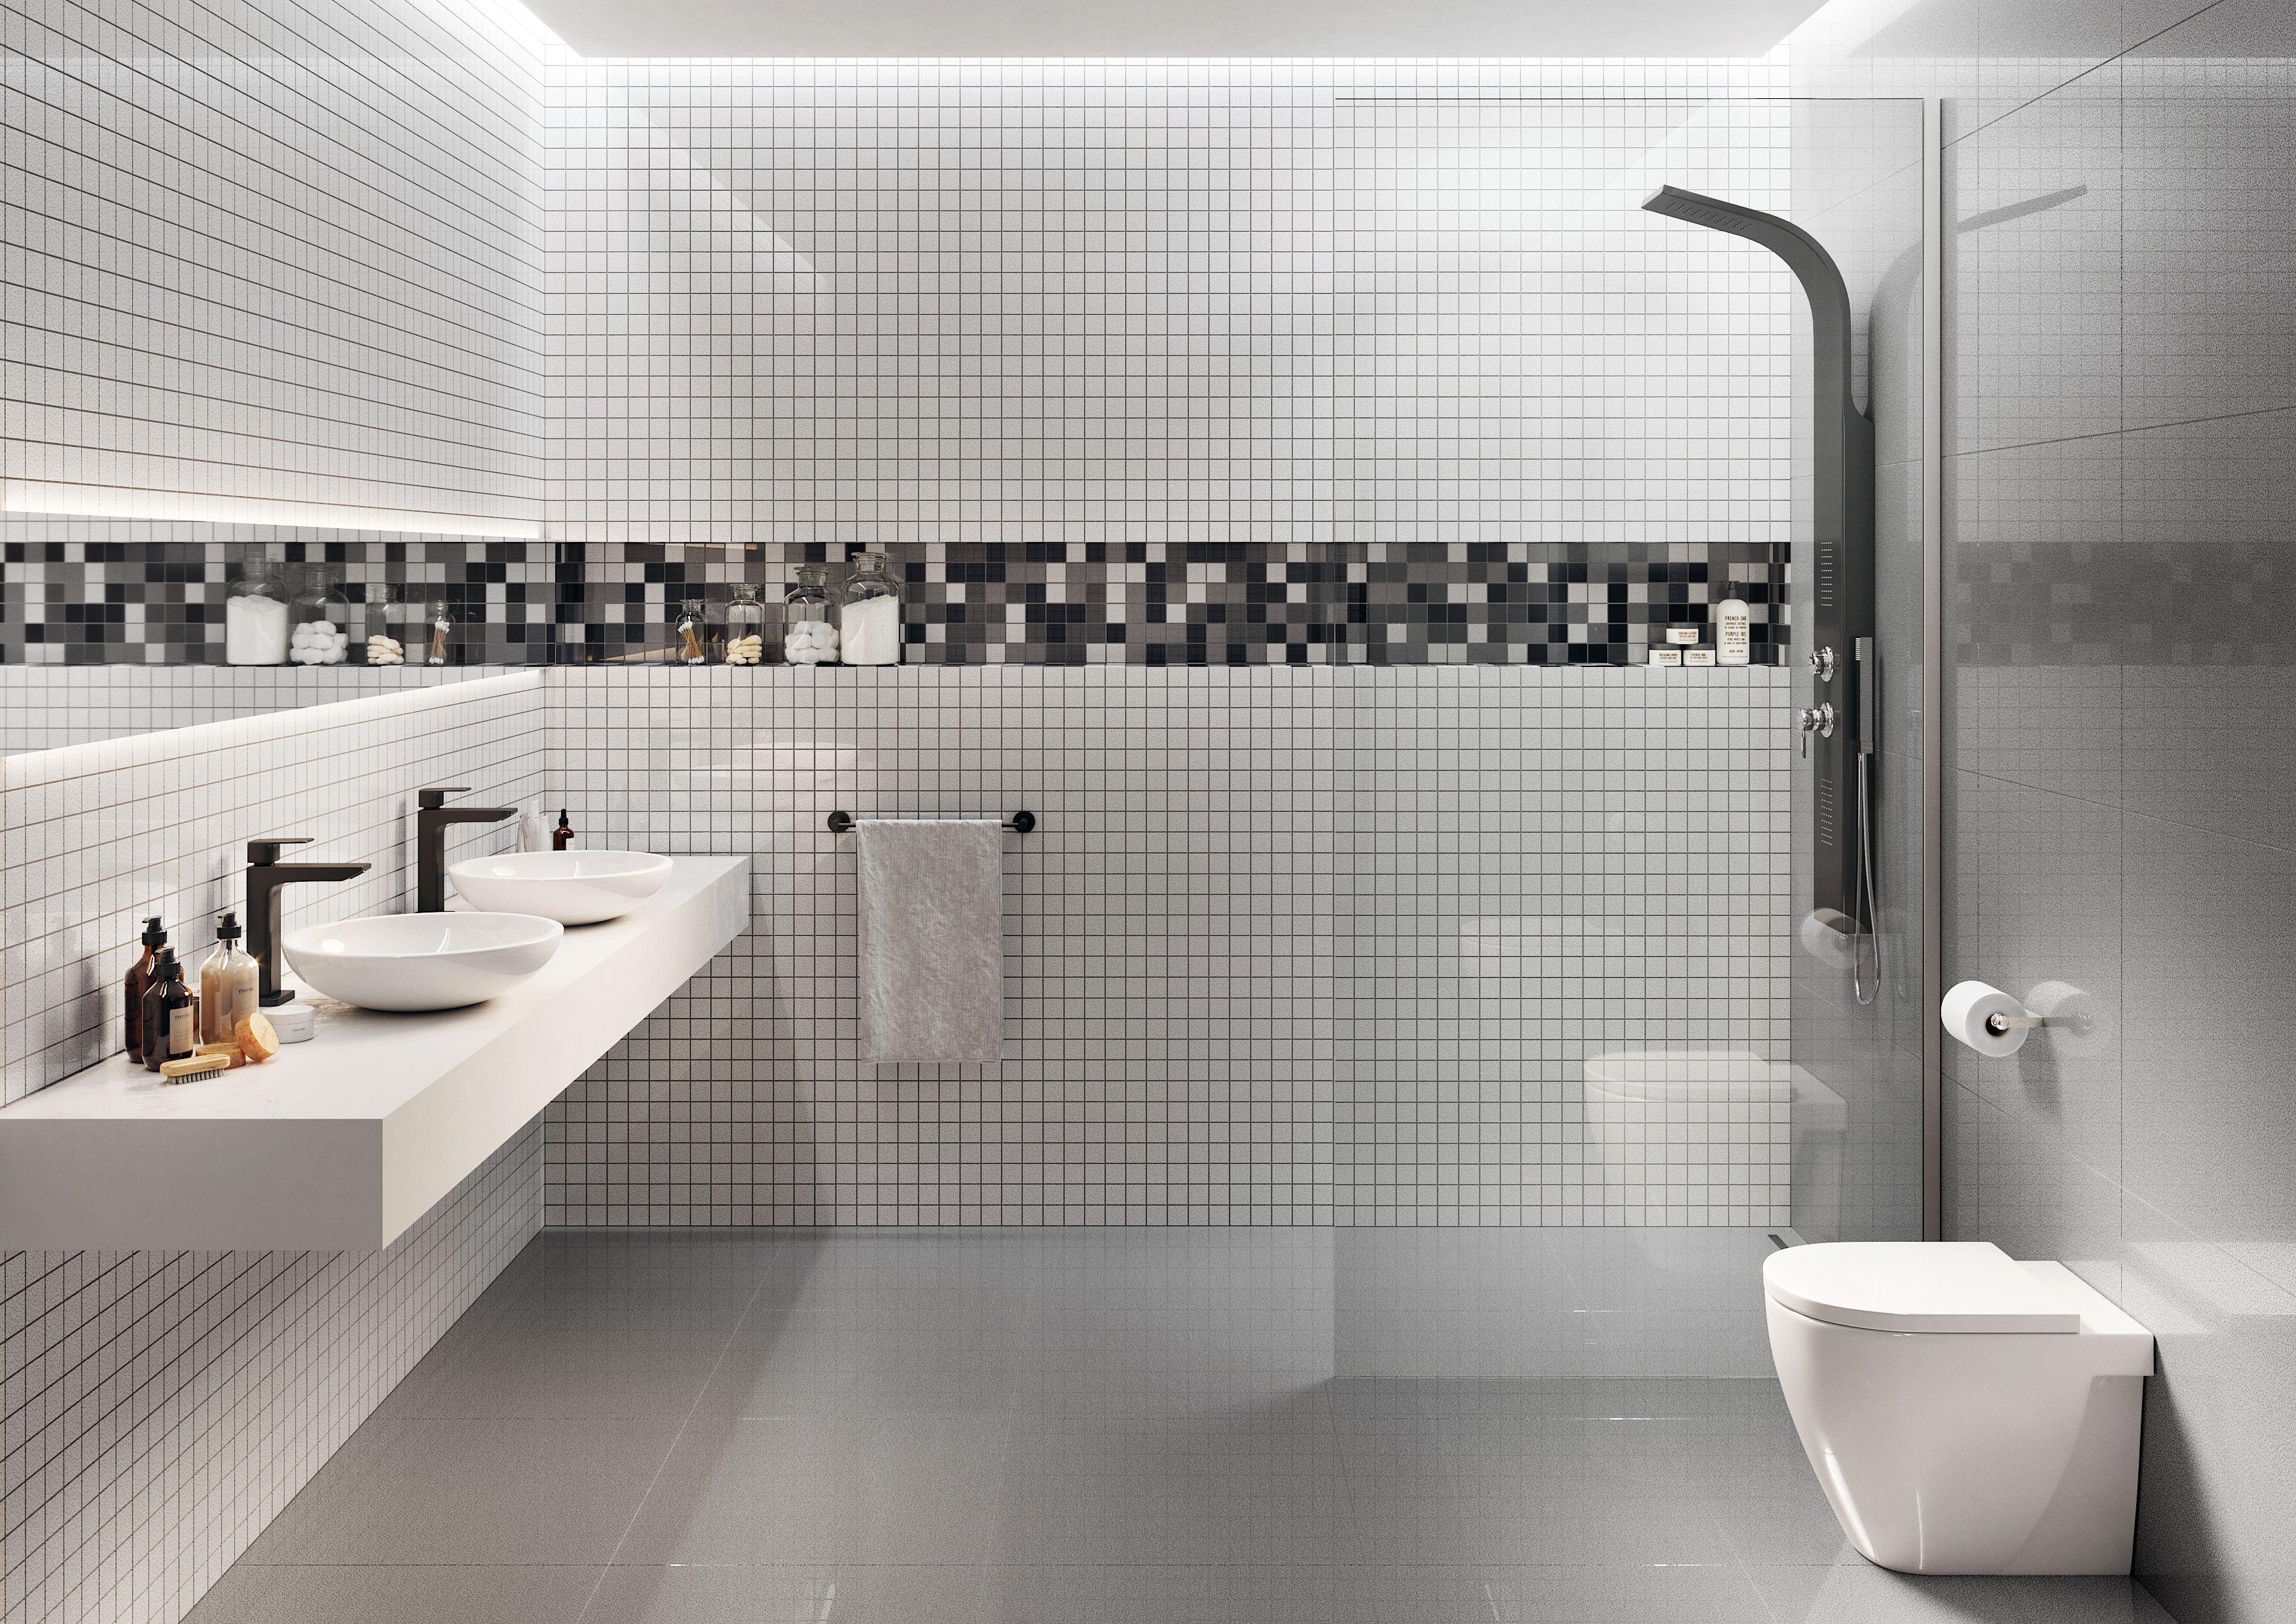 Dein Badezimmer Neu Gestalten   Sichere Dir Jetzt Schöne Badezimmer Ideen.  #Badezimmerfliese #